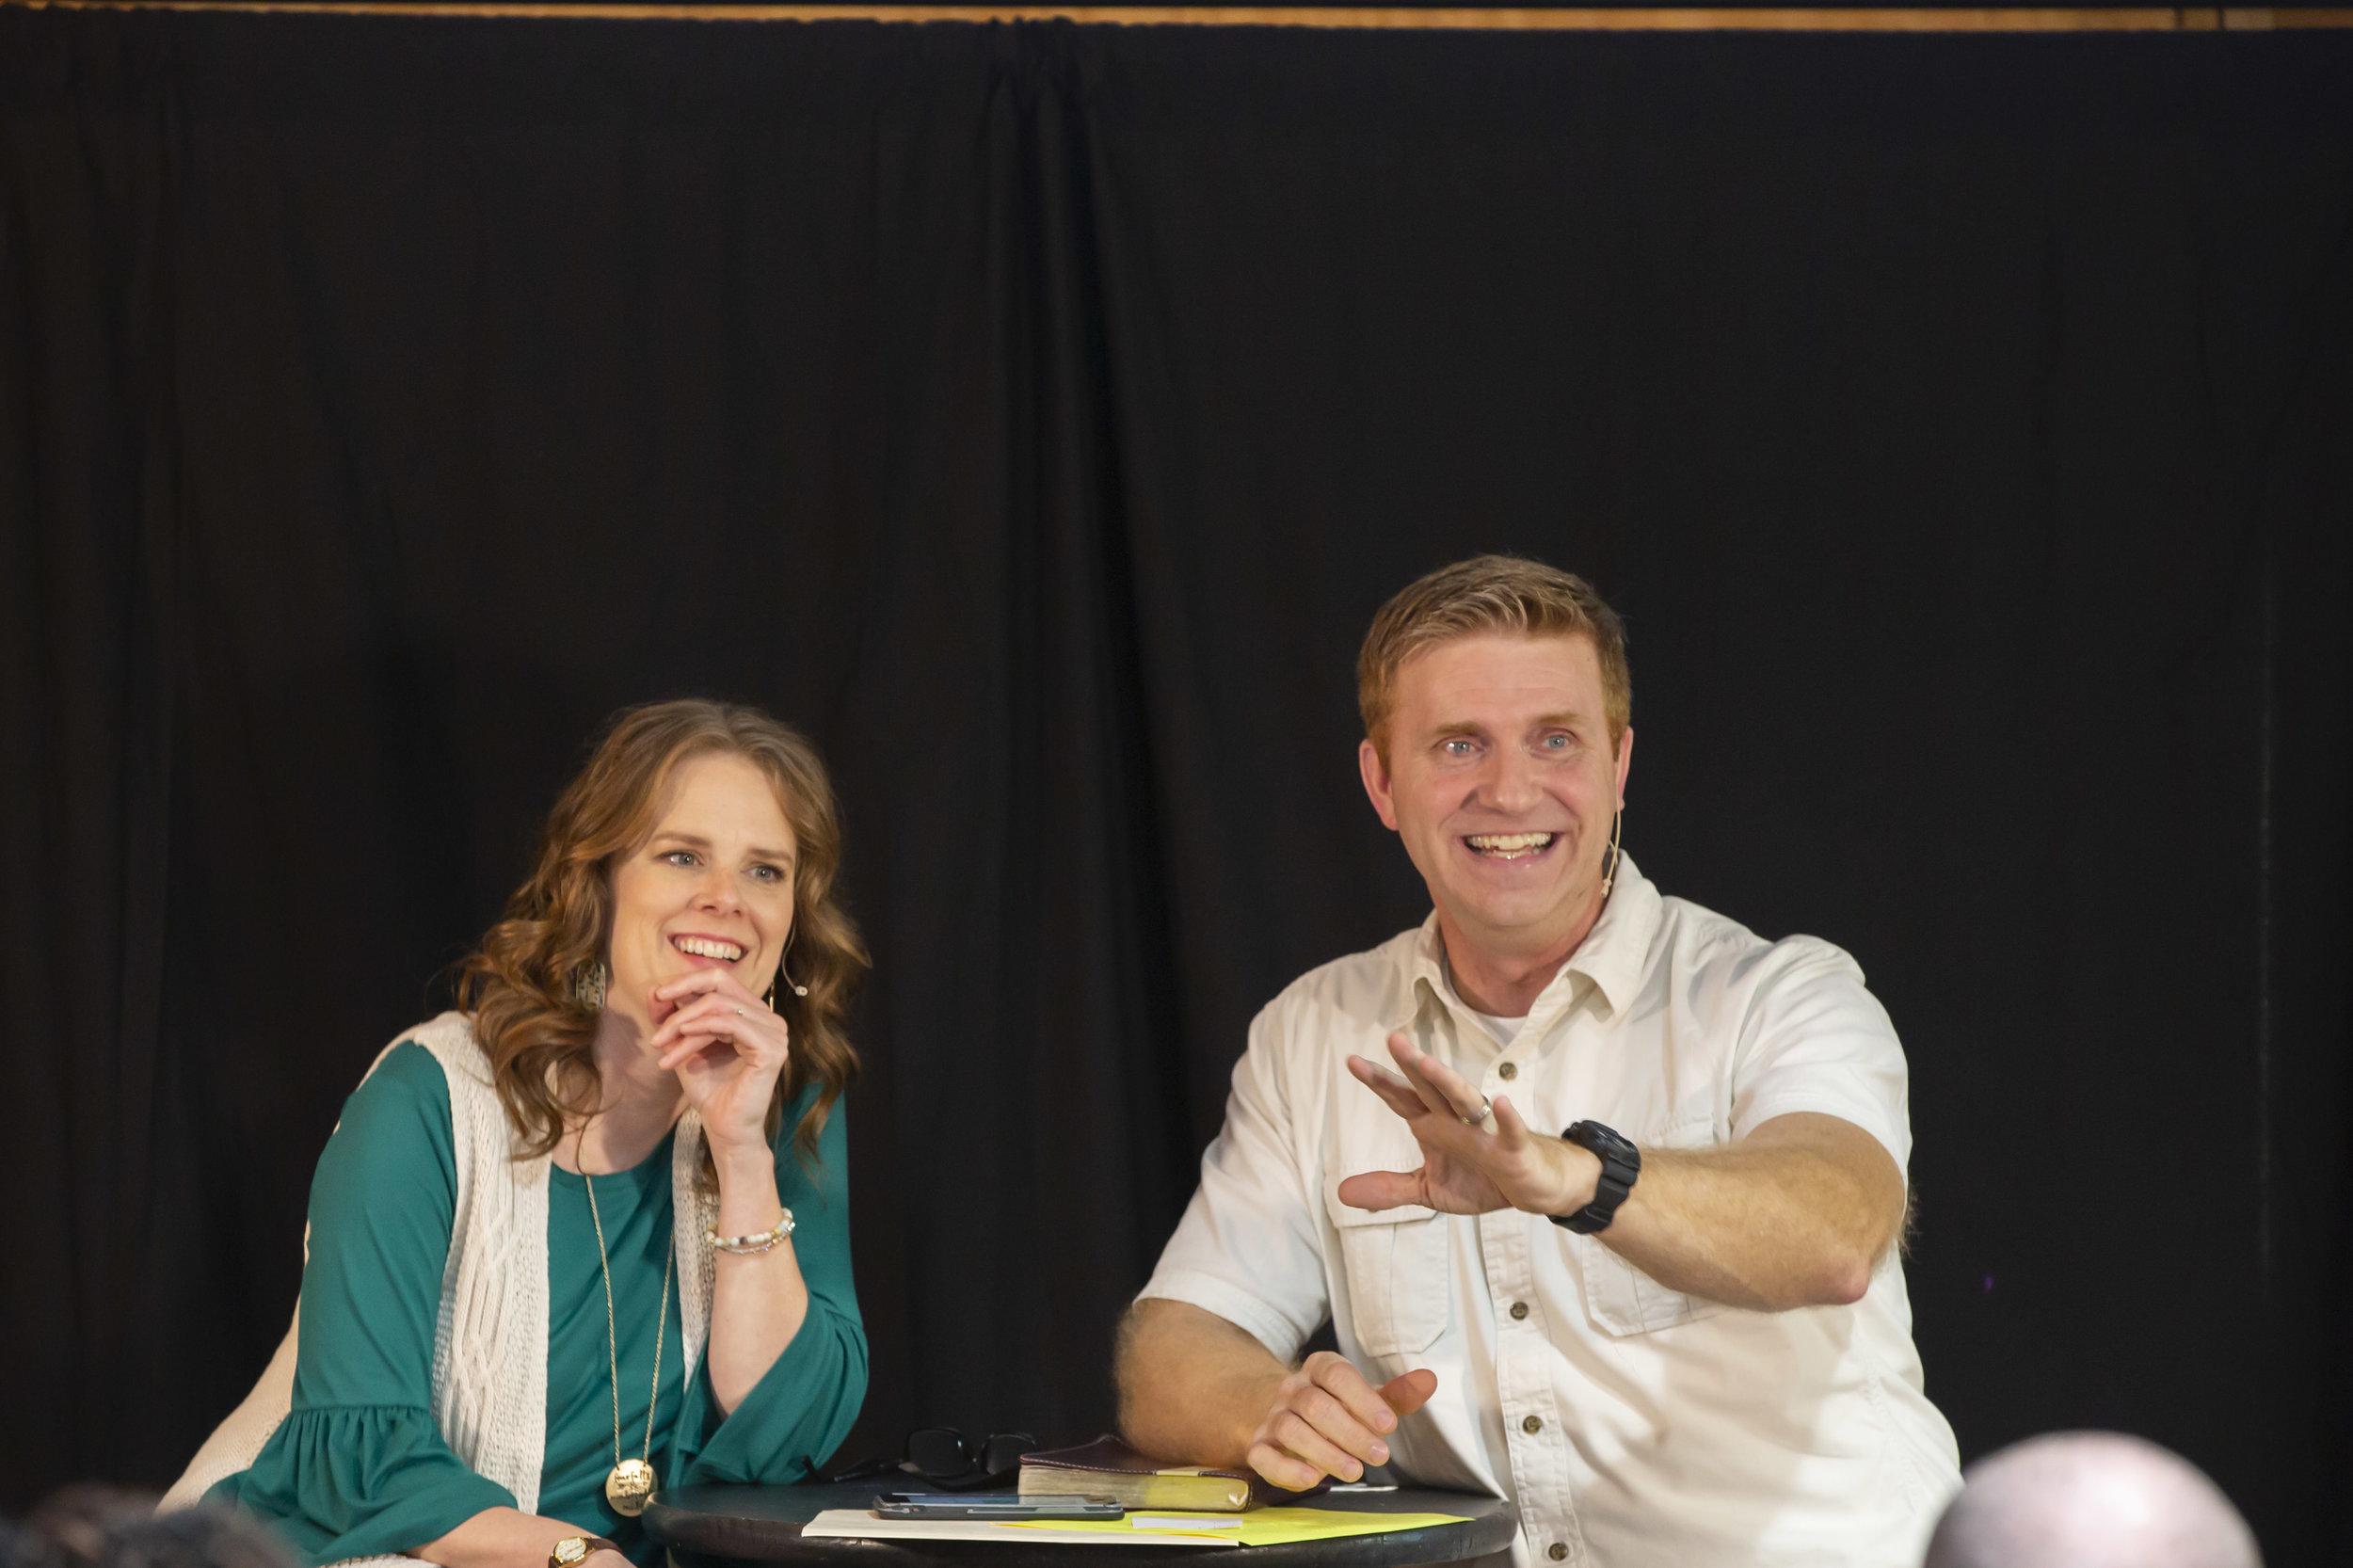 Lori & Steve Chatman